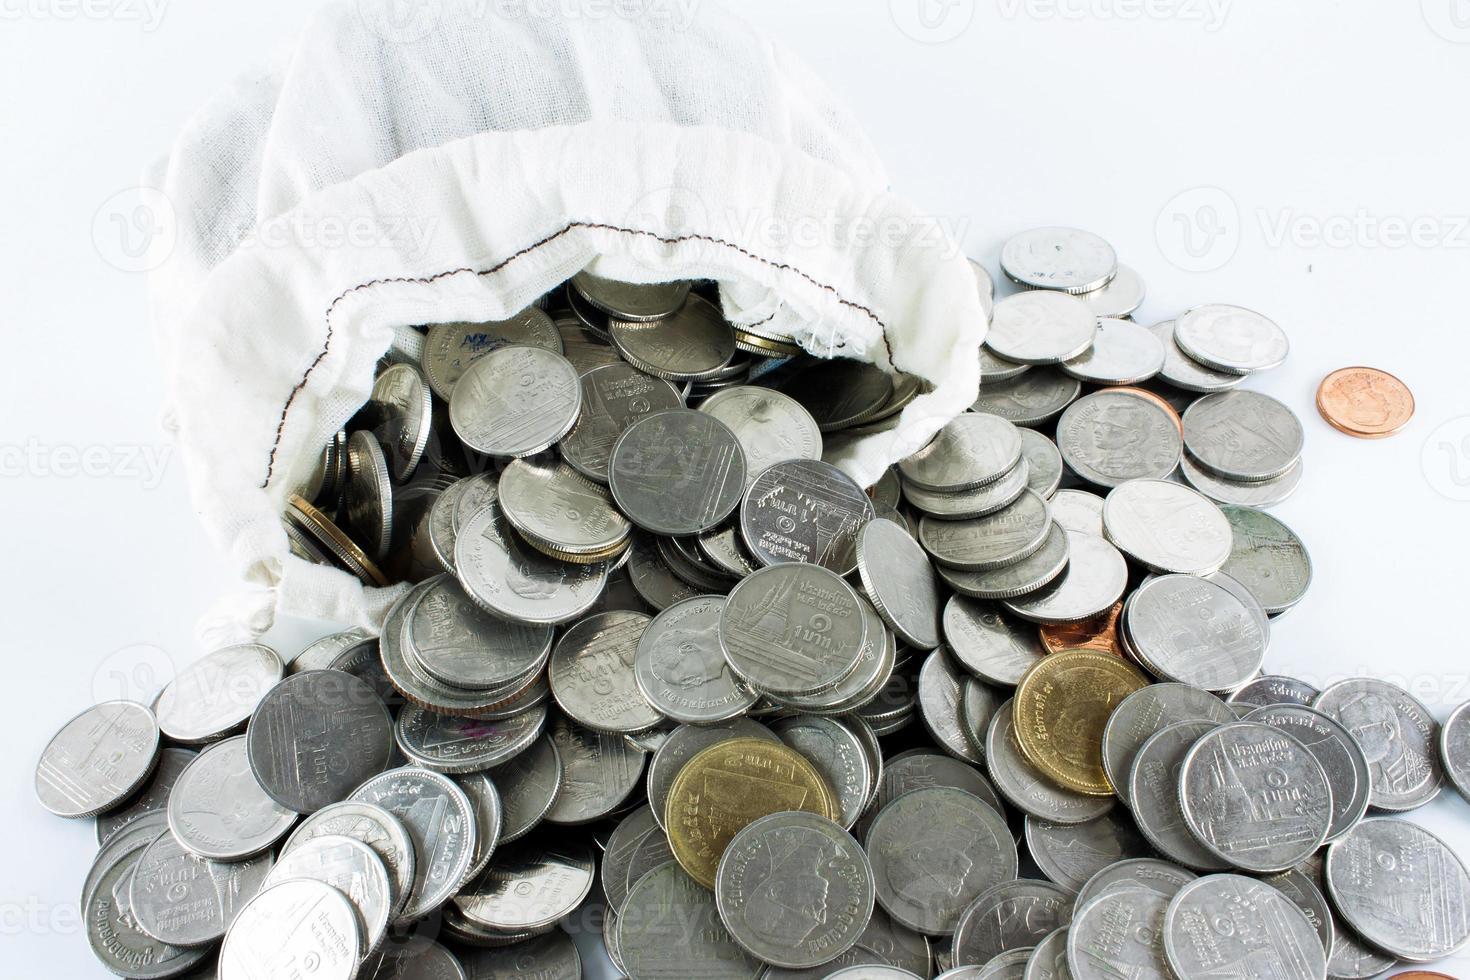 thailändische münzen baht foto